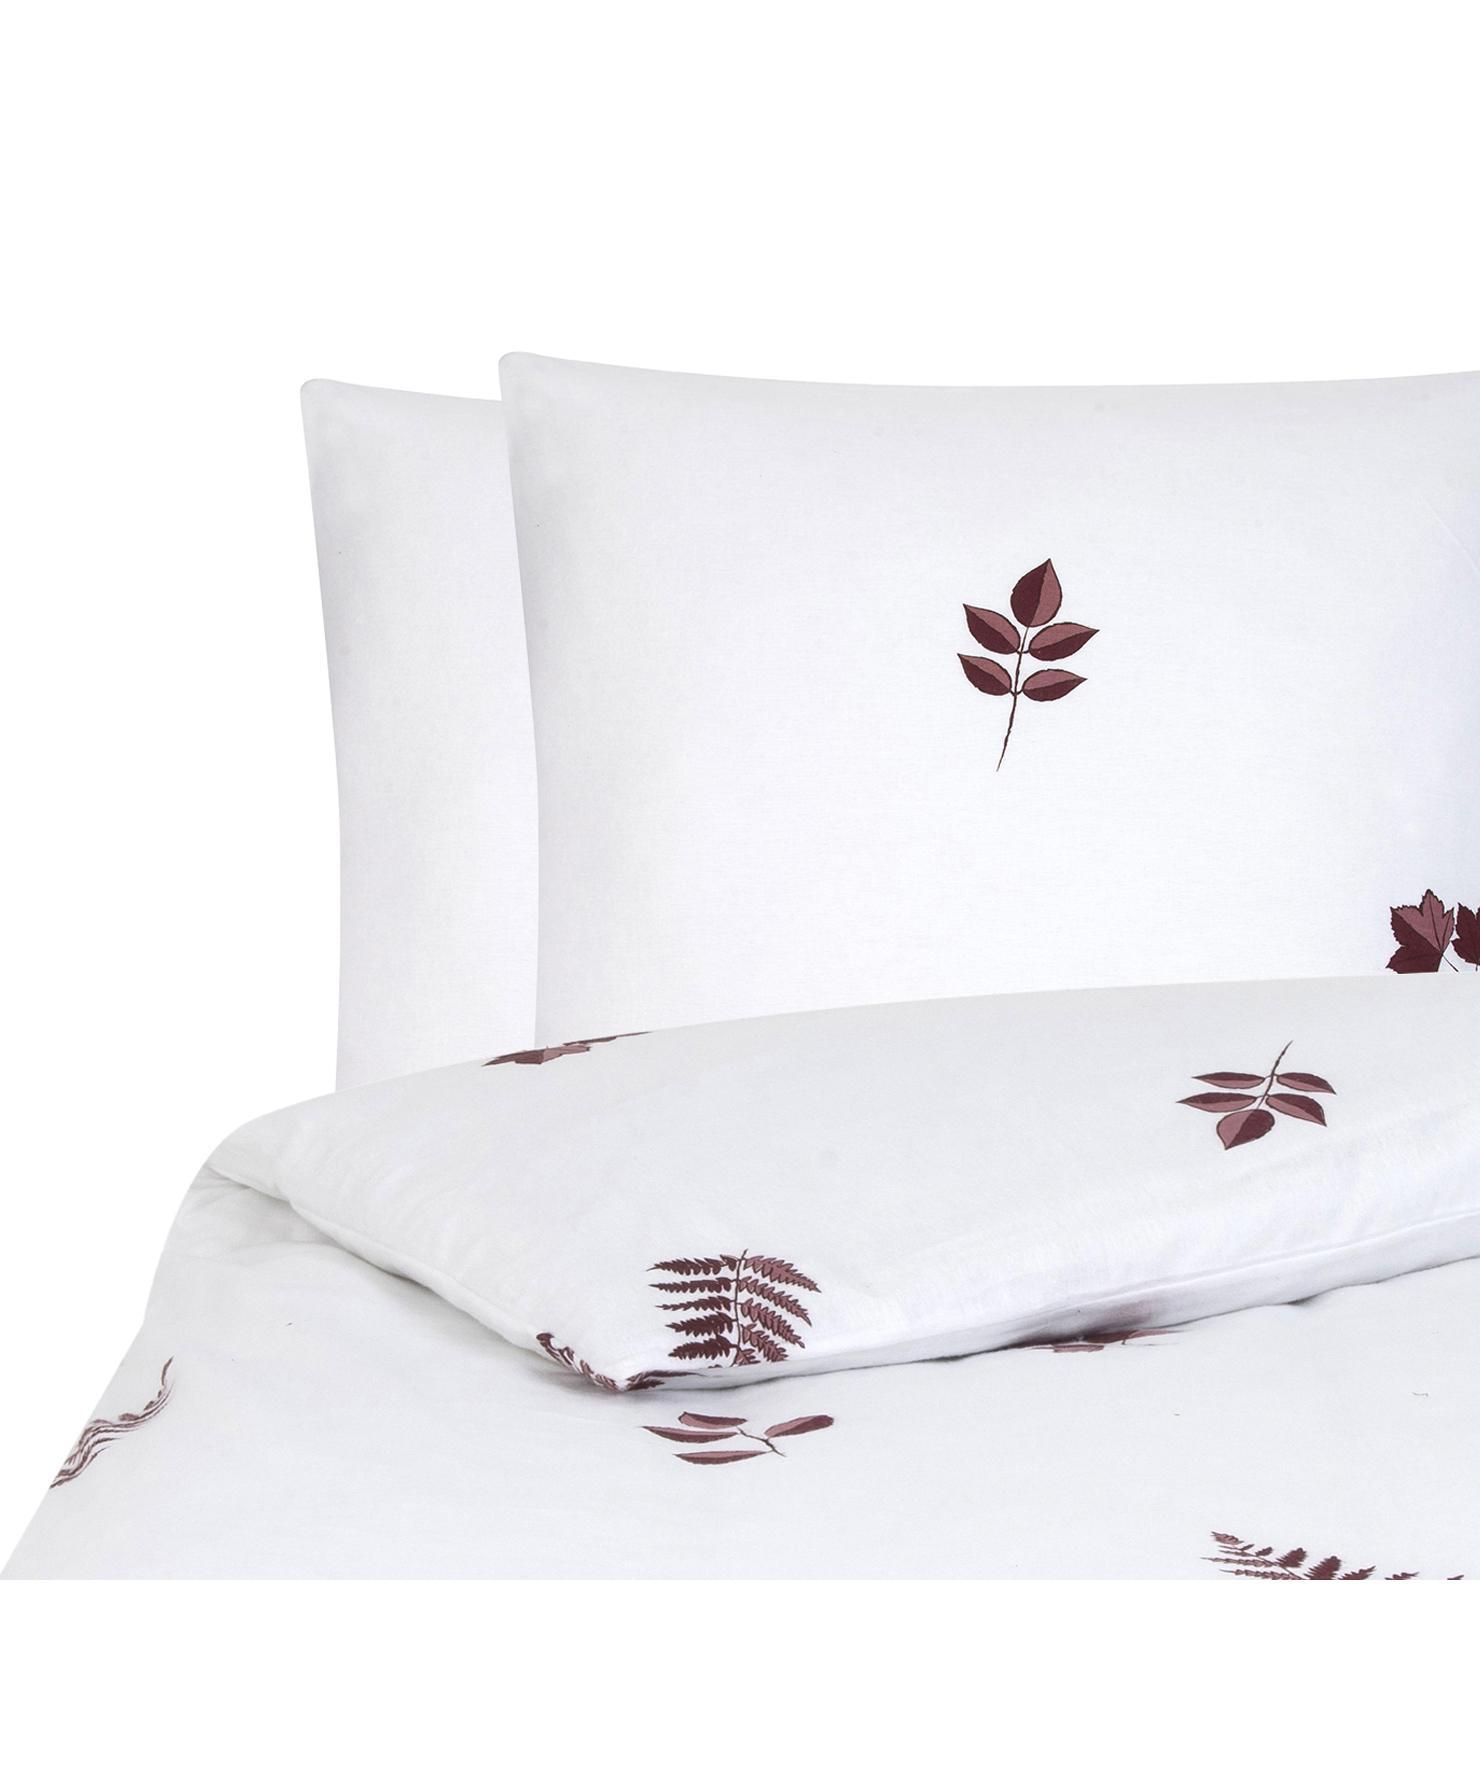 Pościel z flaneli Fraser, Bordowy, biały, 200 x 200 cm + 2 poduszki 80 x 80 cm